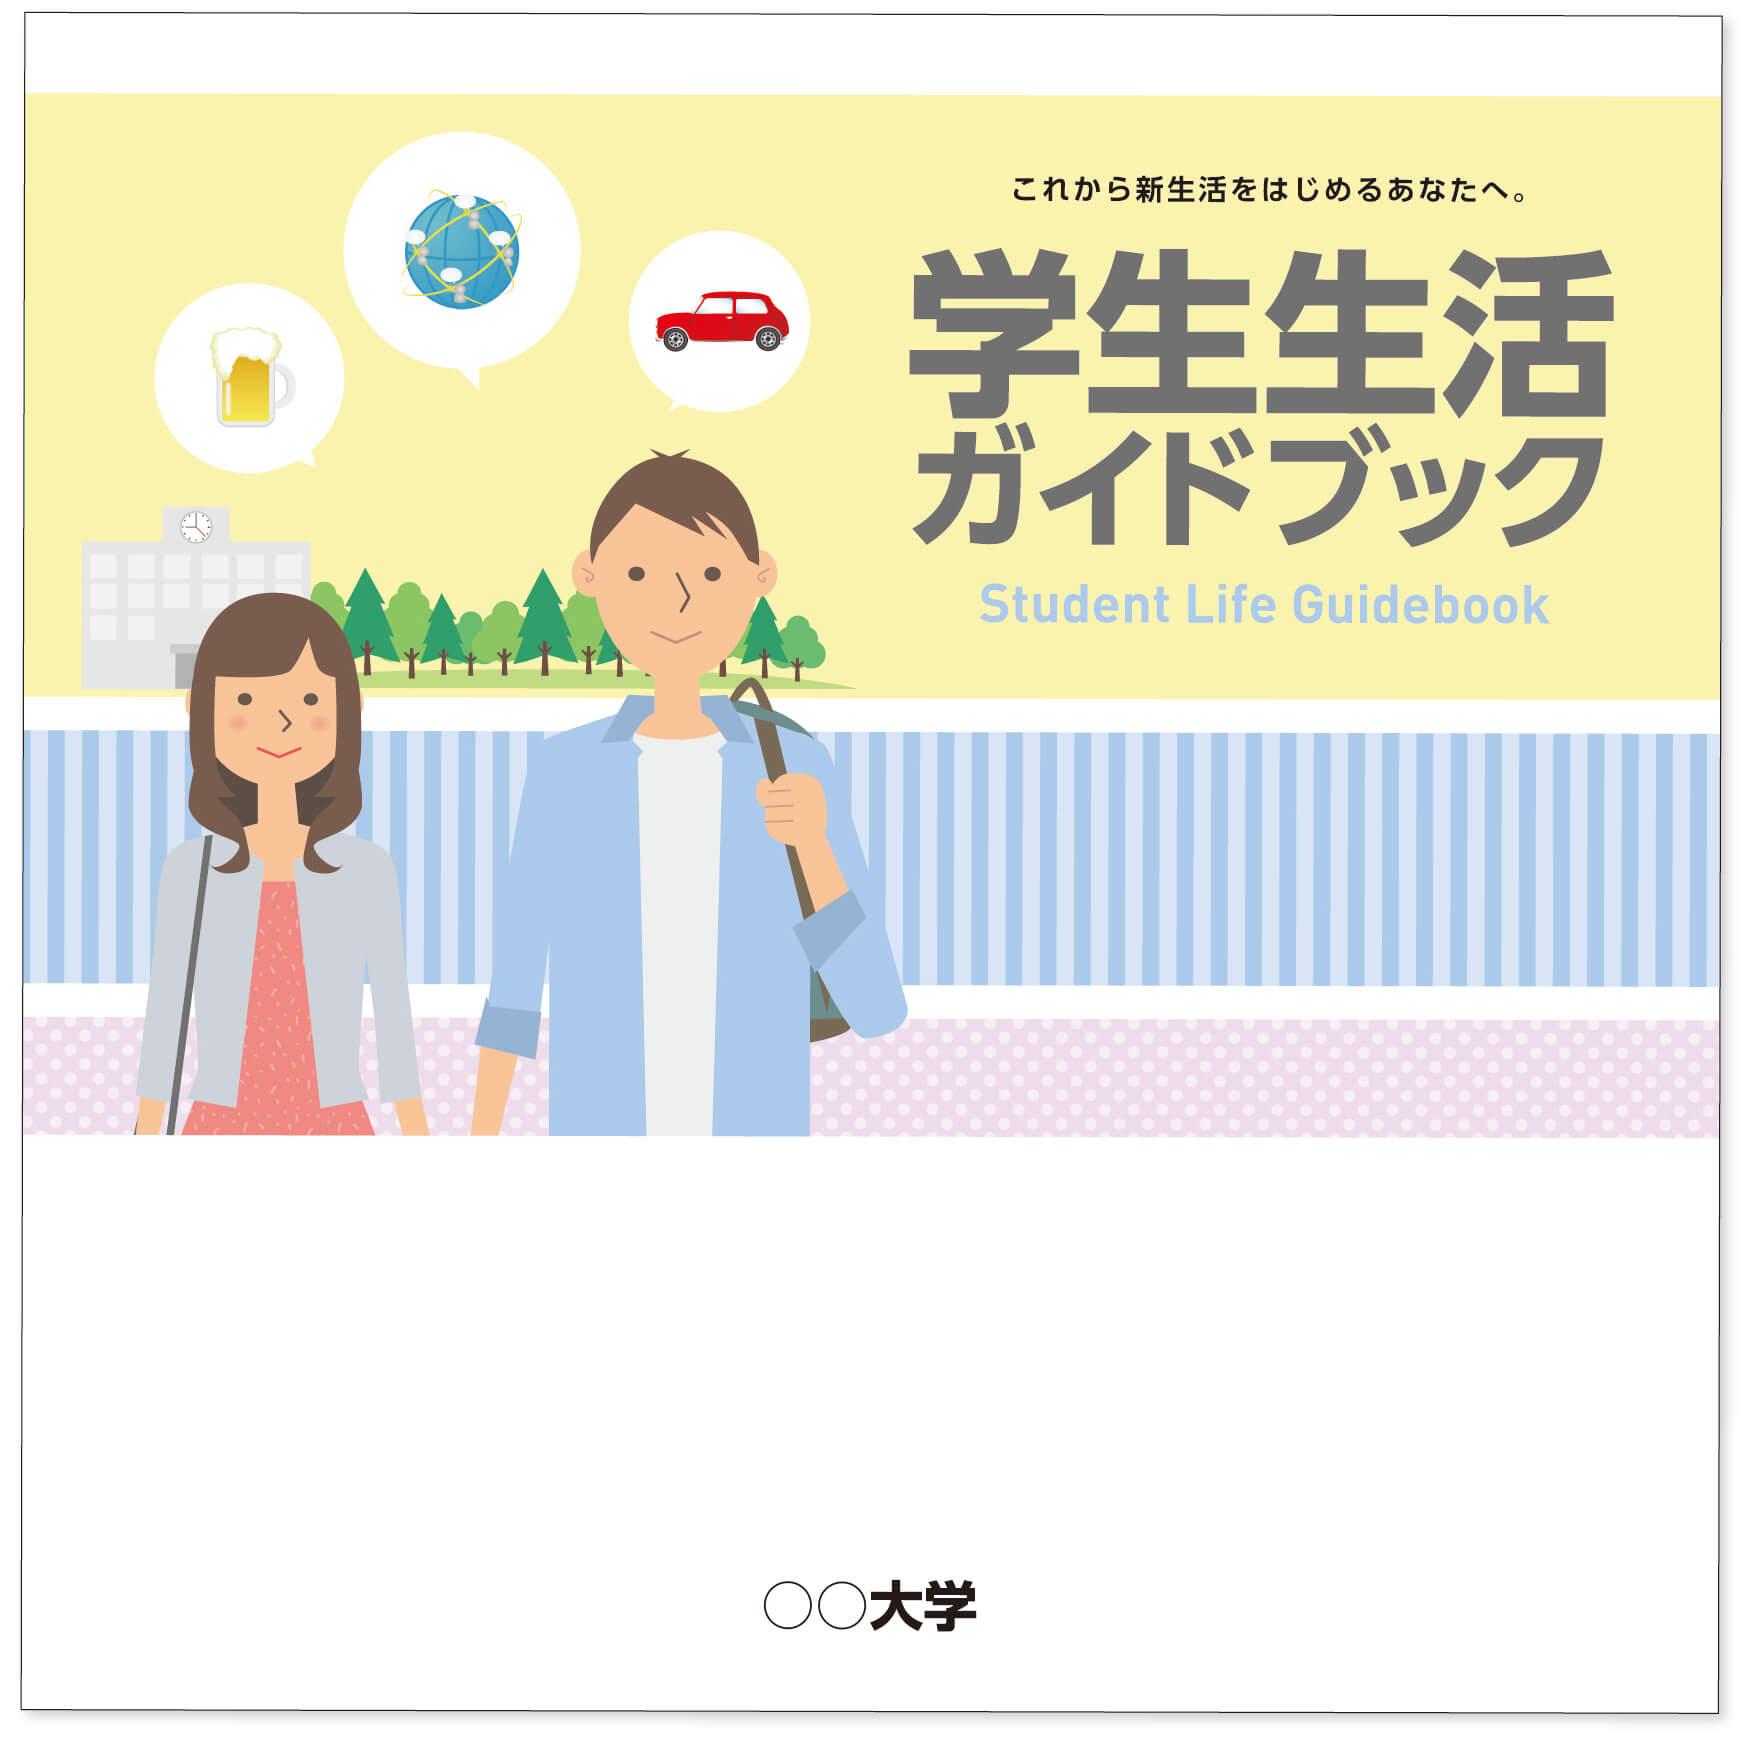 学生生活ガイドブック